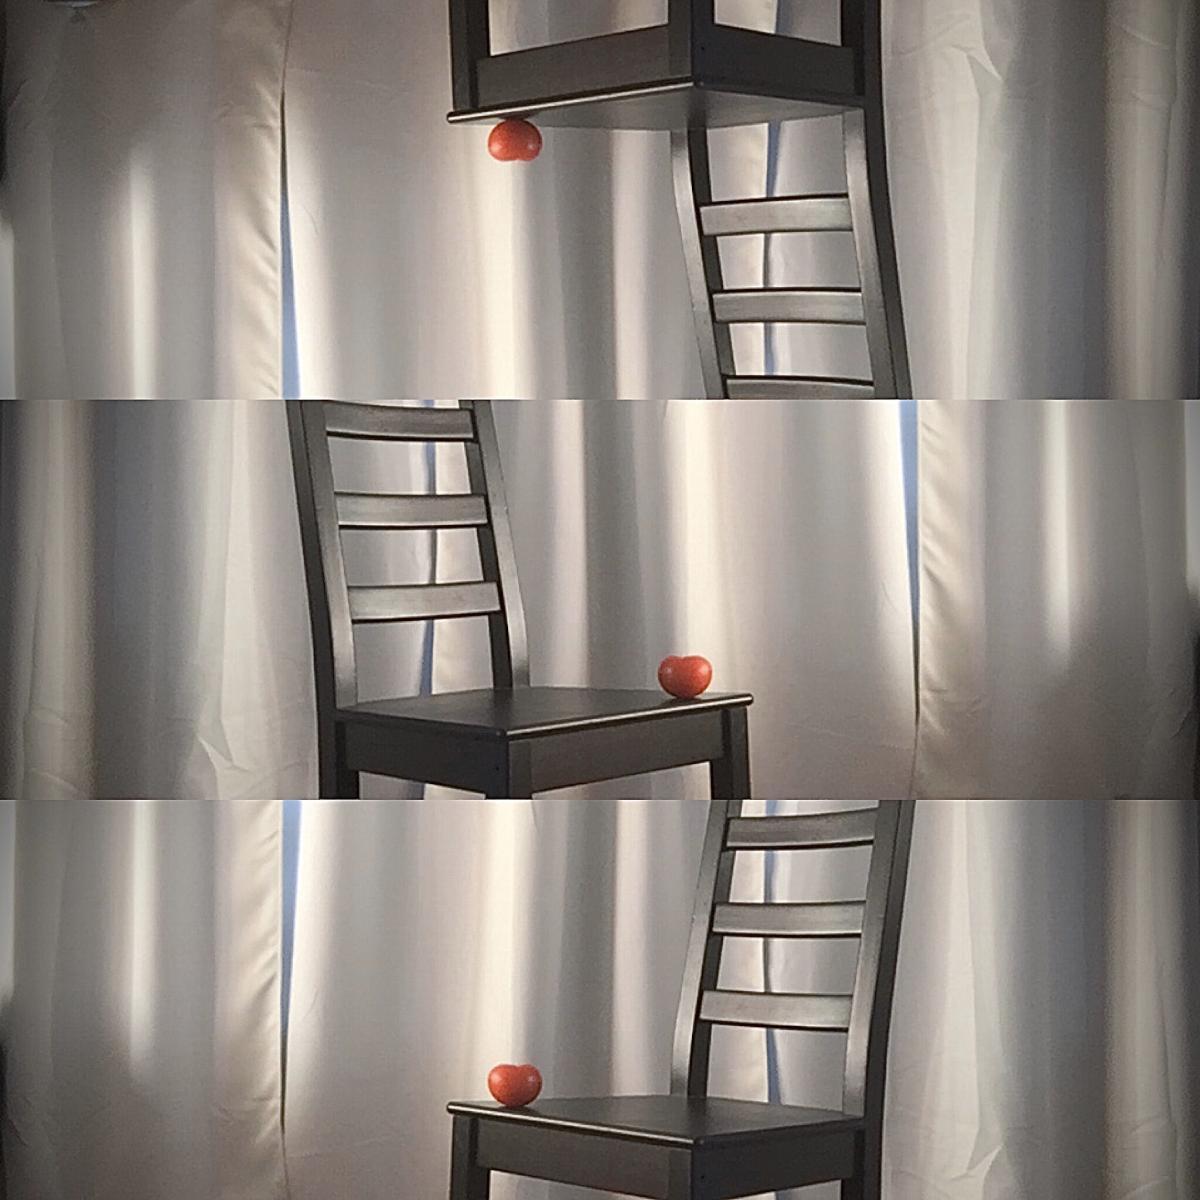 Kuva tuolista, jonka päällä tomaatti. Kuva monistettu kolme kertaa ja aseteltu päällekkäin